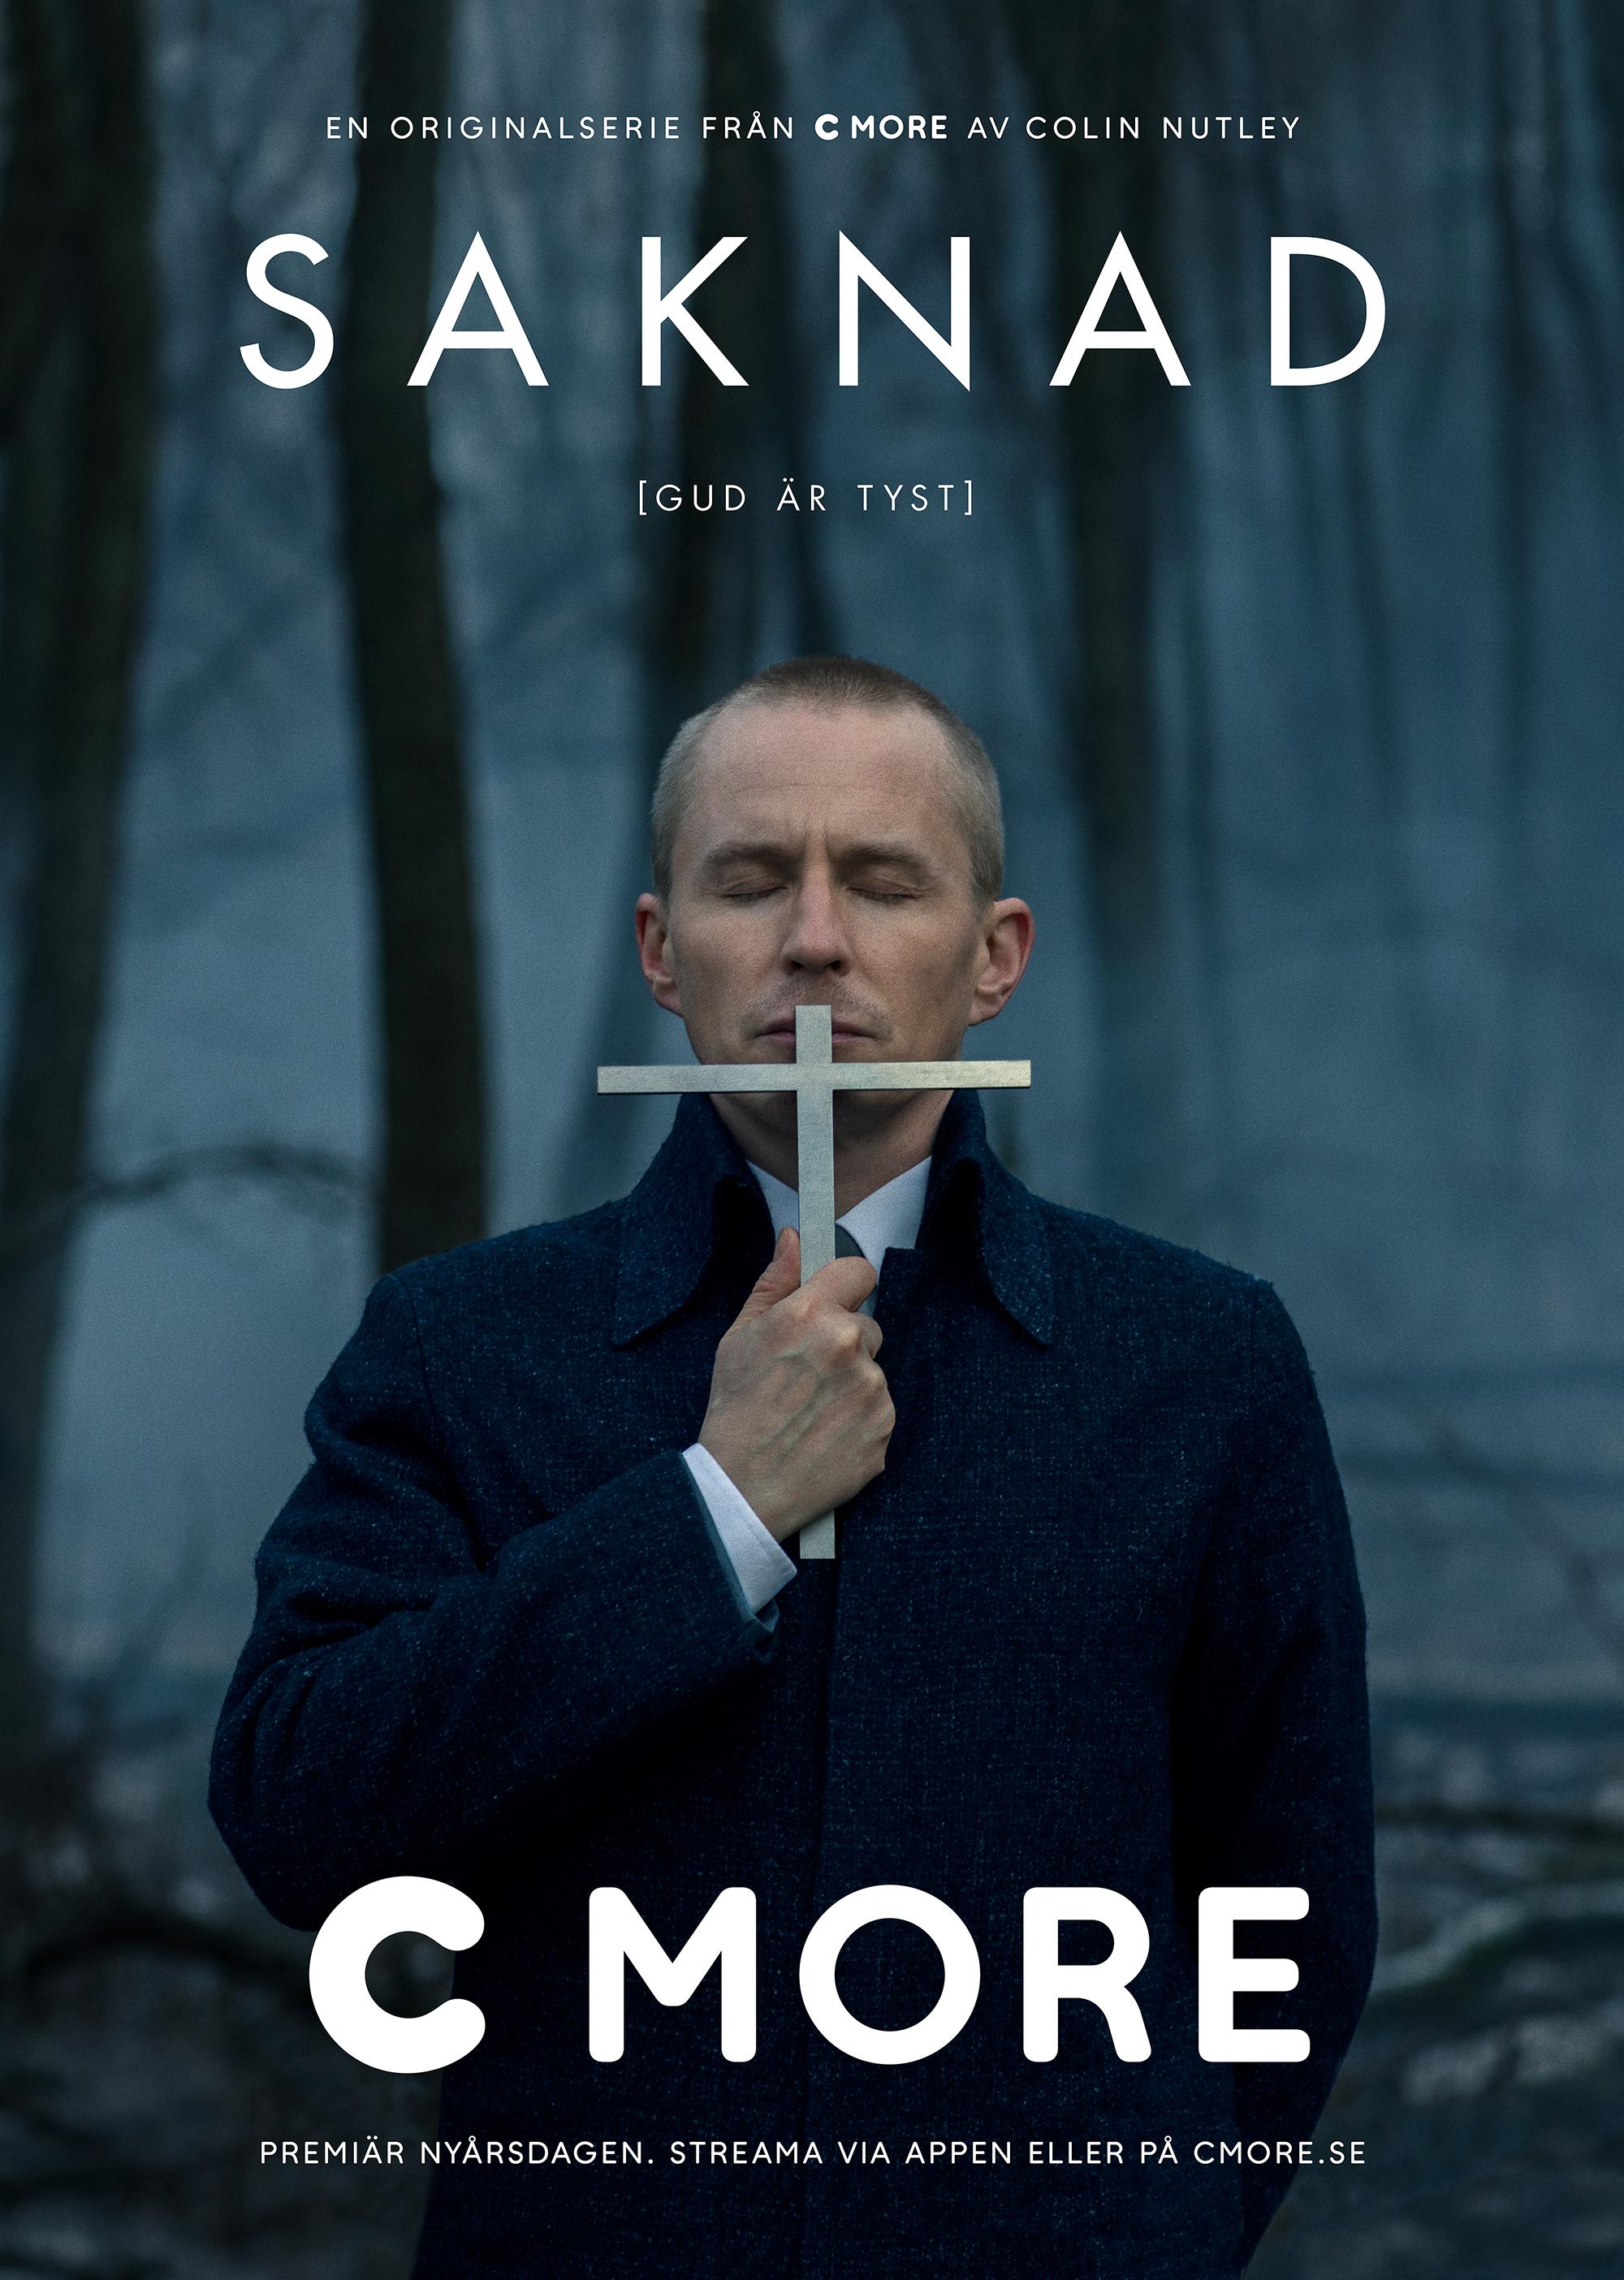 Cmore-Saknad-5